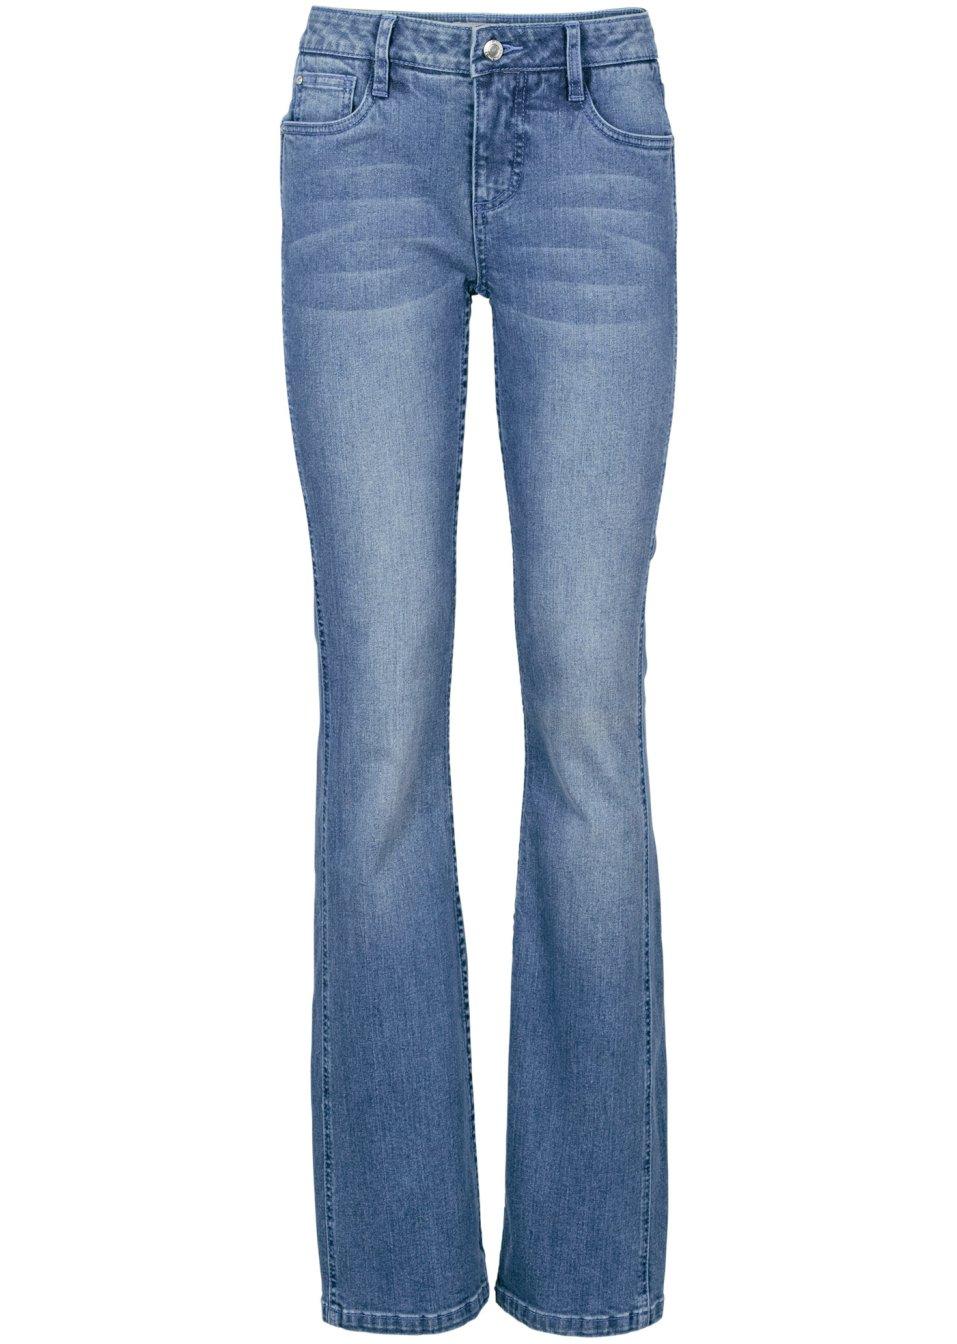 modische stretch jeans mit glitzersteinen und stickerei. Black Bedroom Furniture Sets. Home Design Ideas